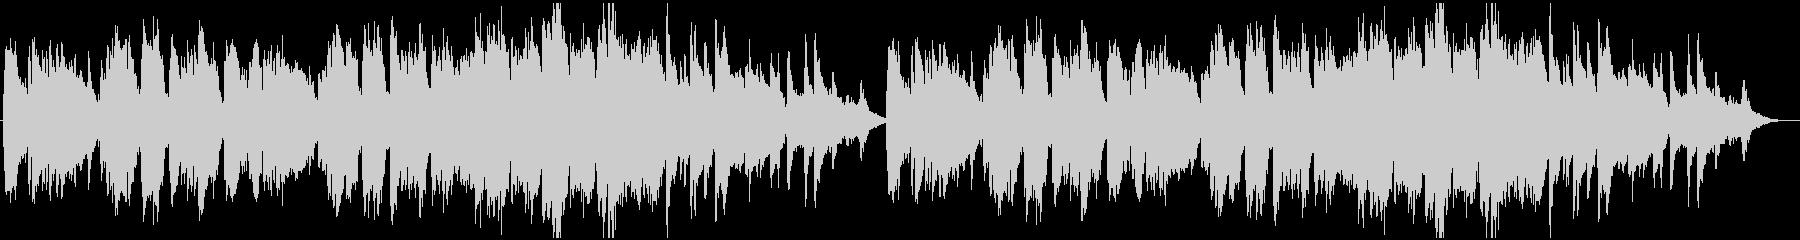 造語&チェレスタの切ない小曲の未再生の波形